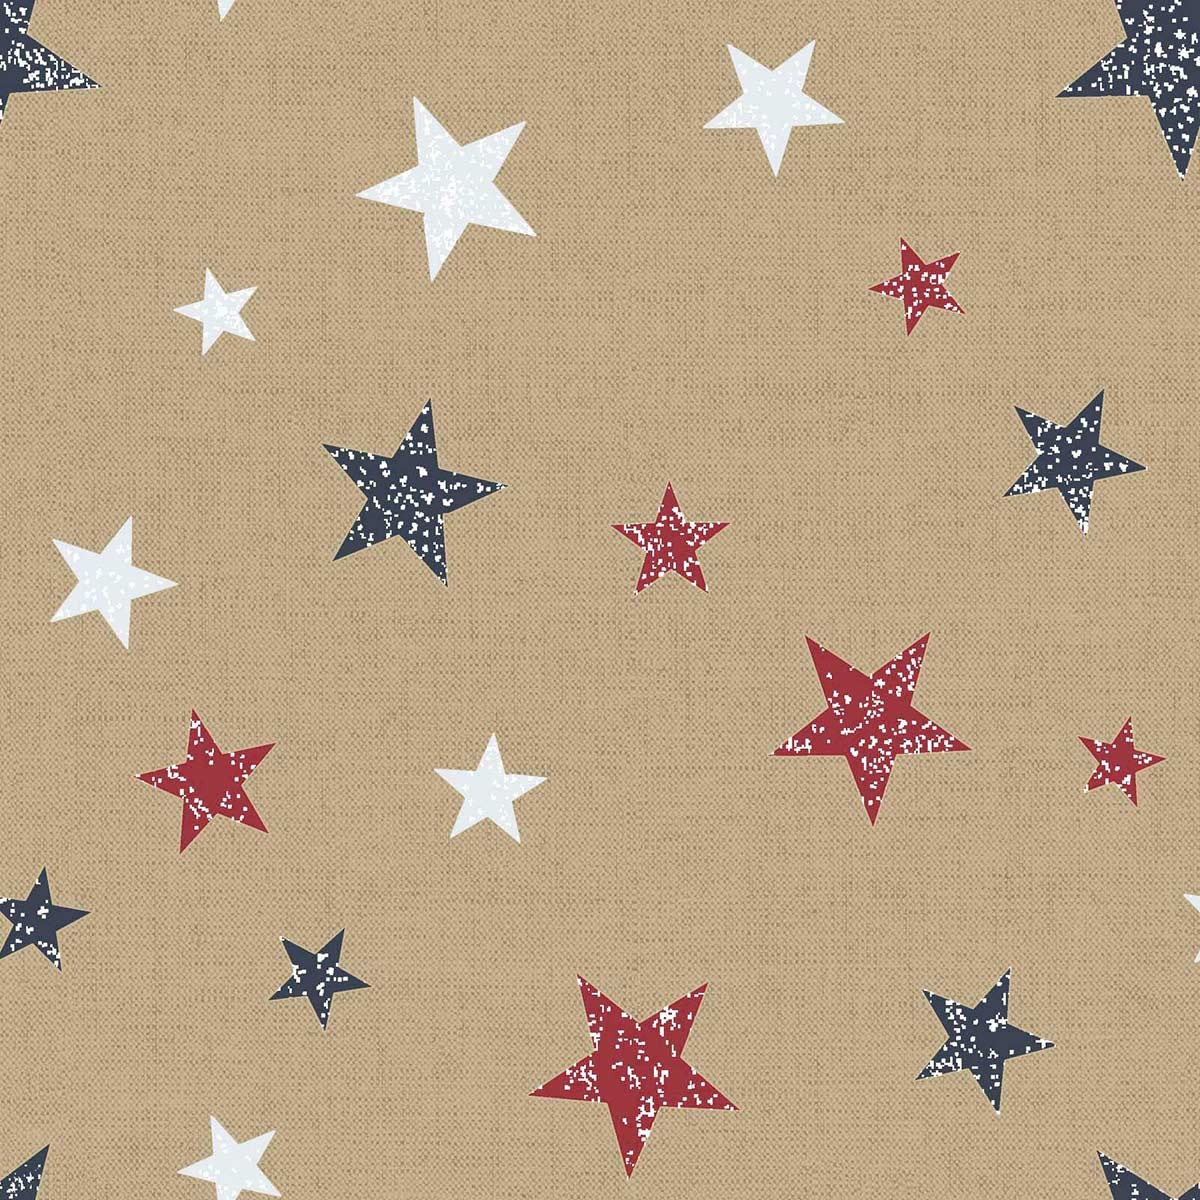 Παιδική Κουρτίνα (280x270) Viopros Curtains Σκάι Κόκκινο